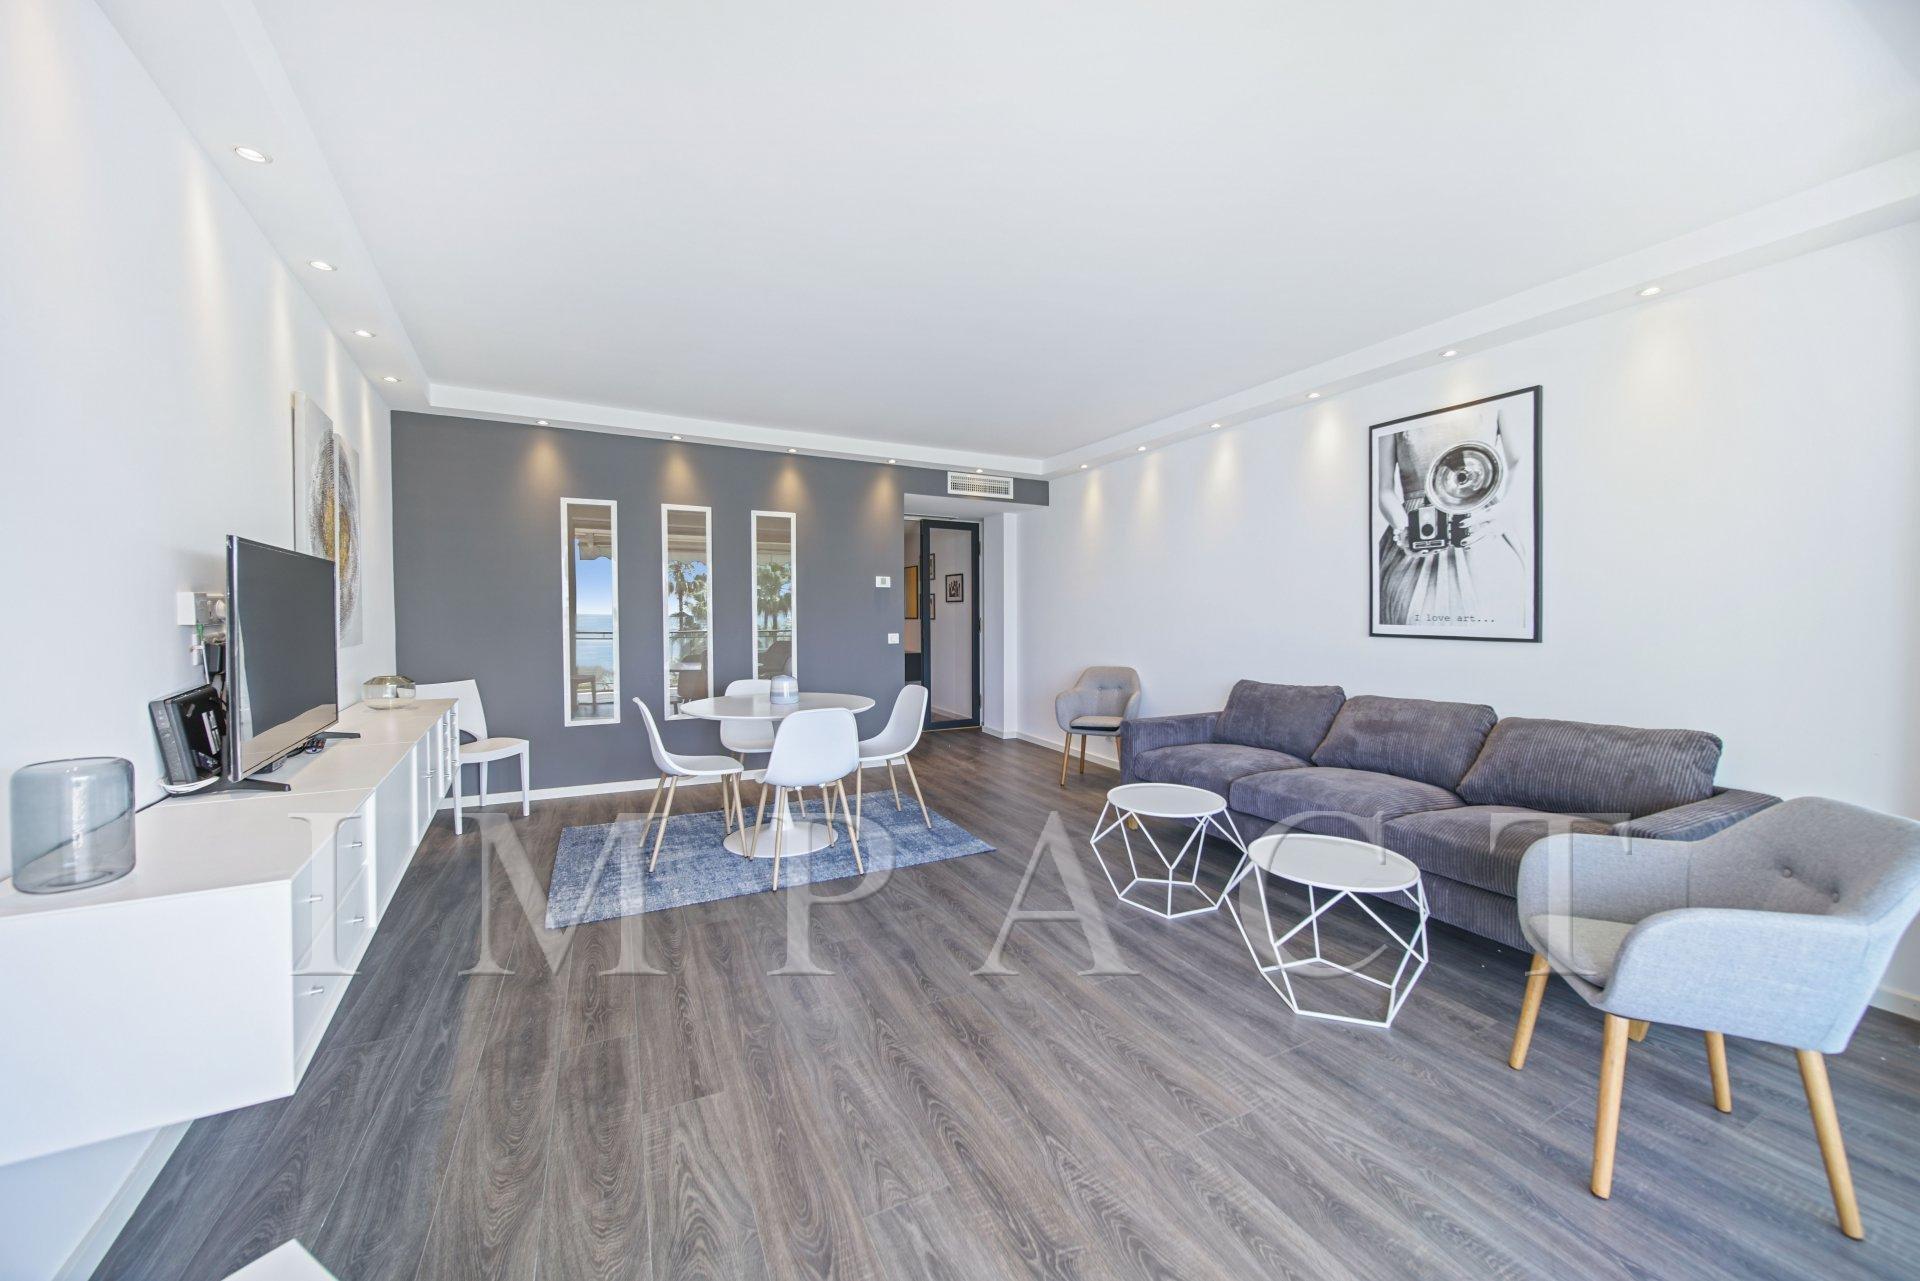 Location saisonnière - Appartement à louer, front de mer, Cannes